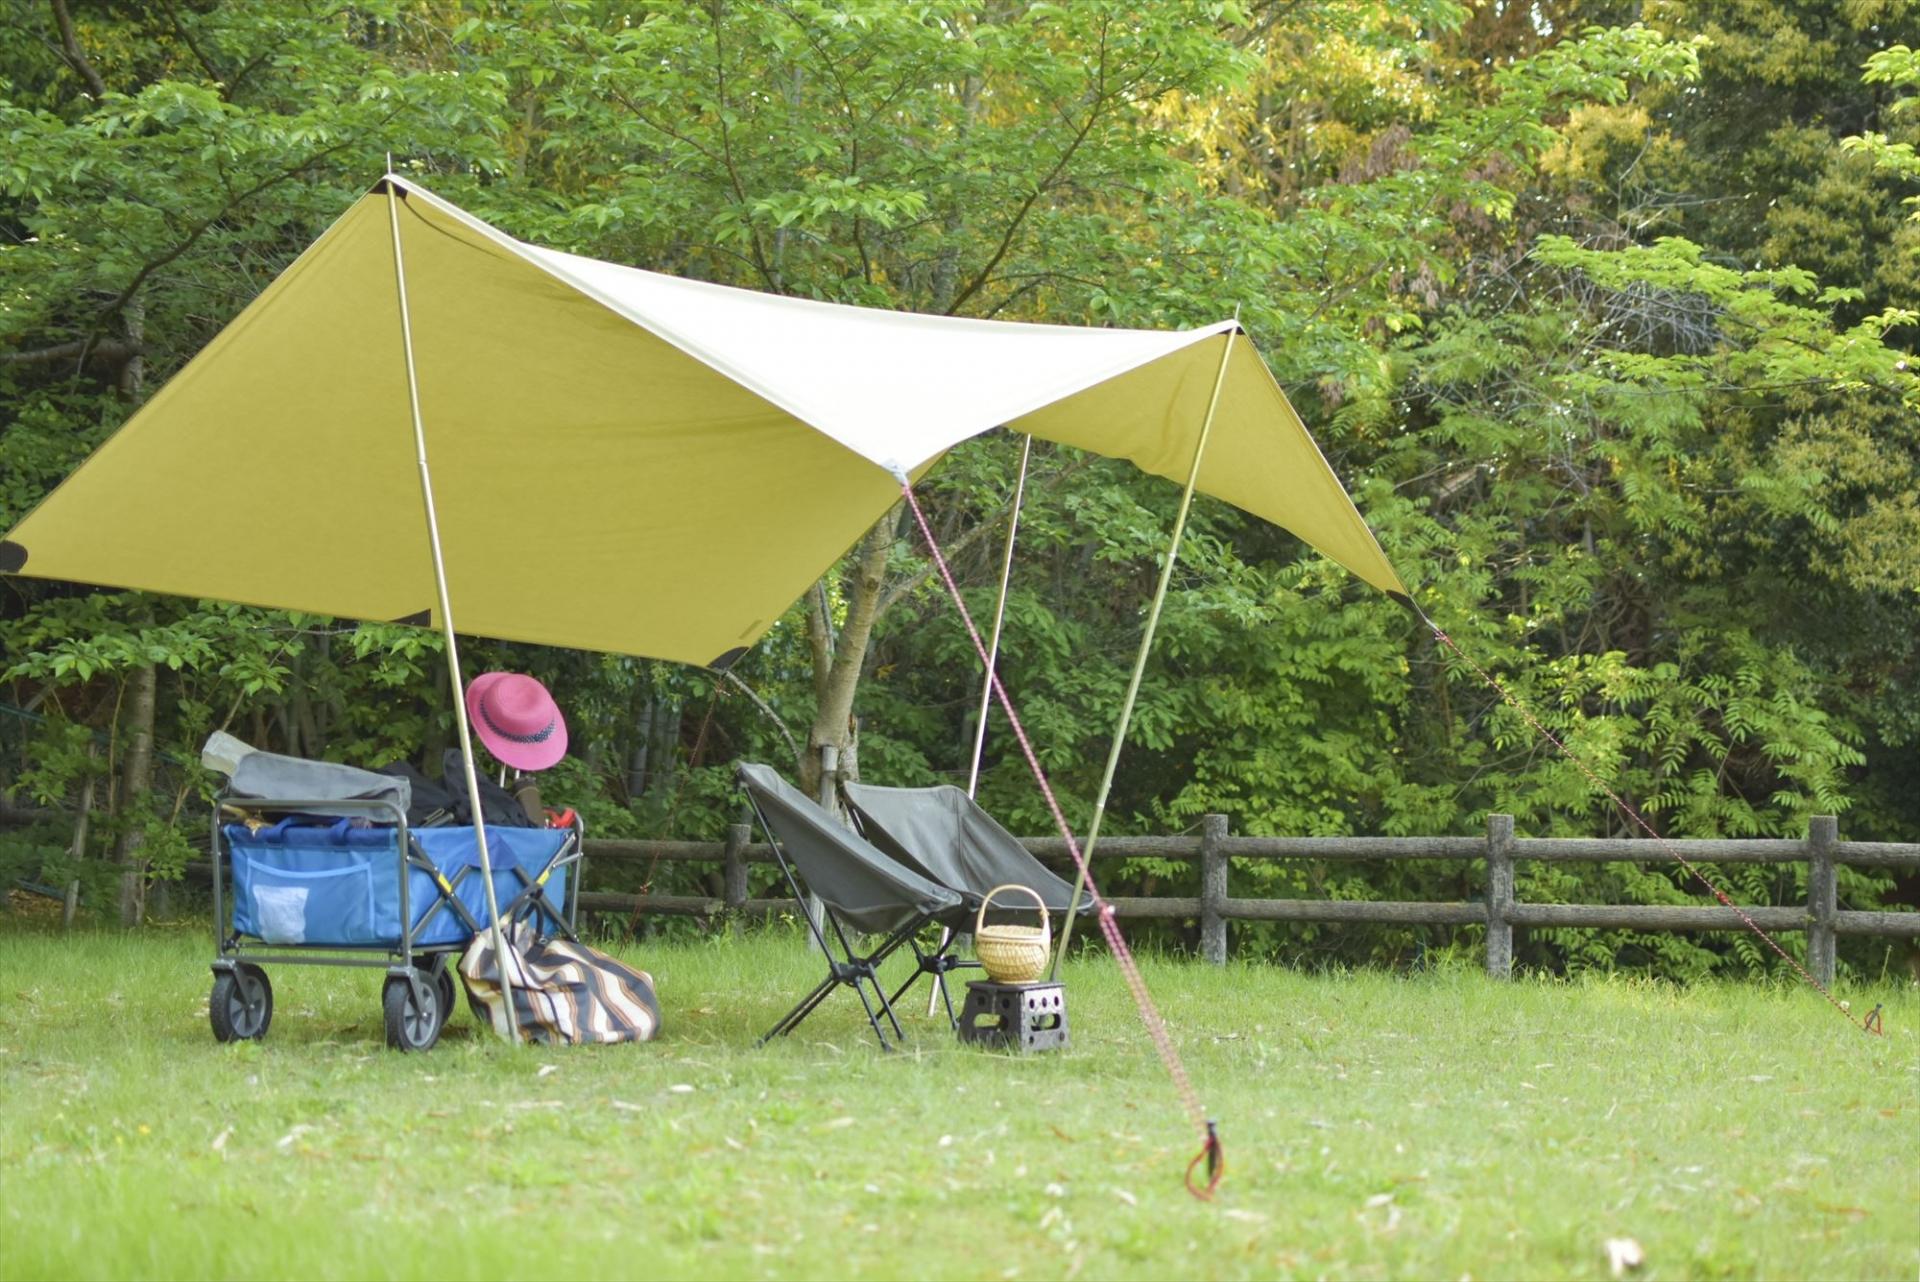 タープはキャンプで必要なの?テントだけあればOKでしょ?